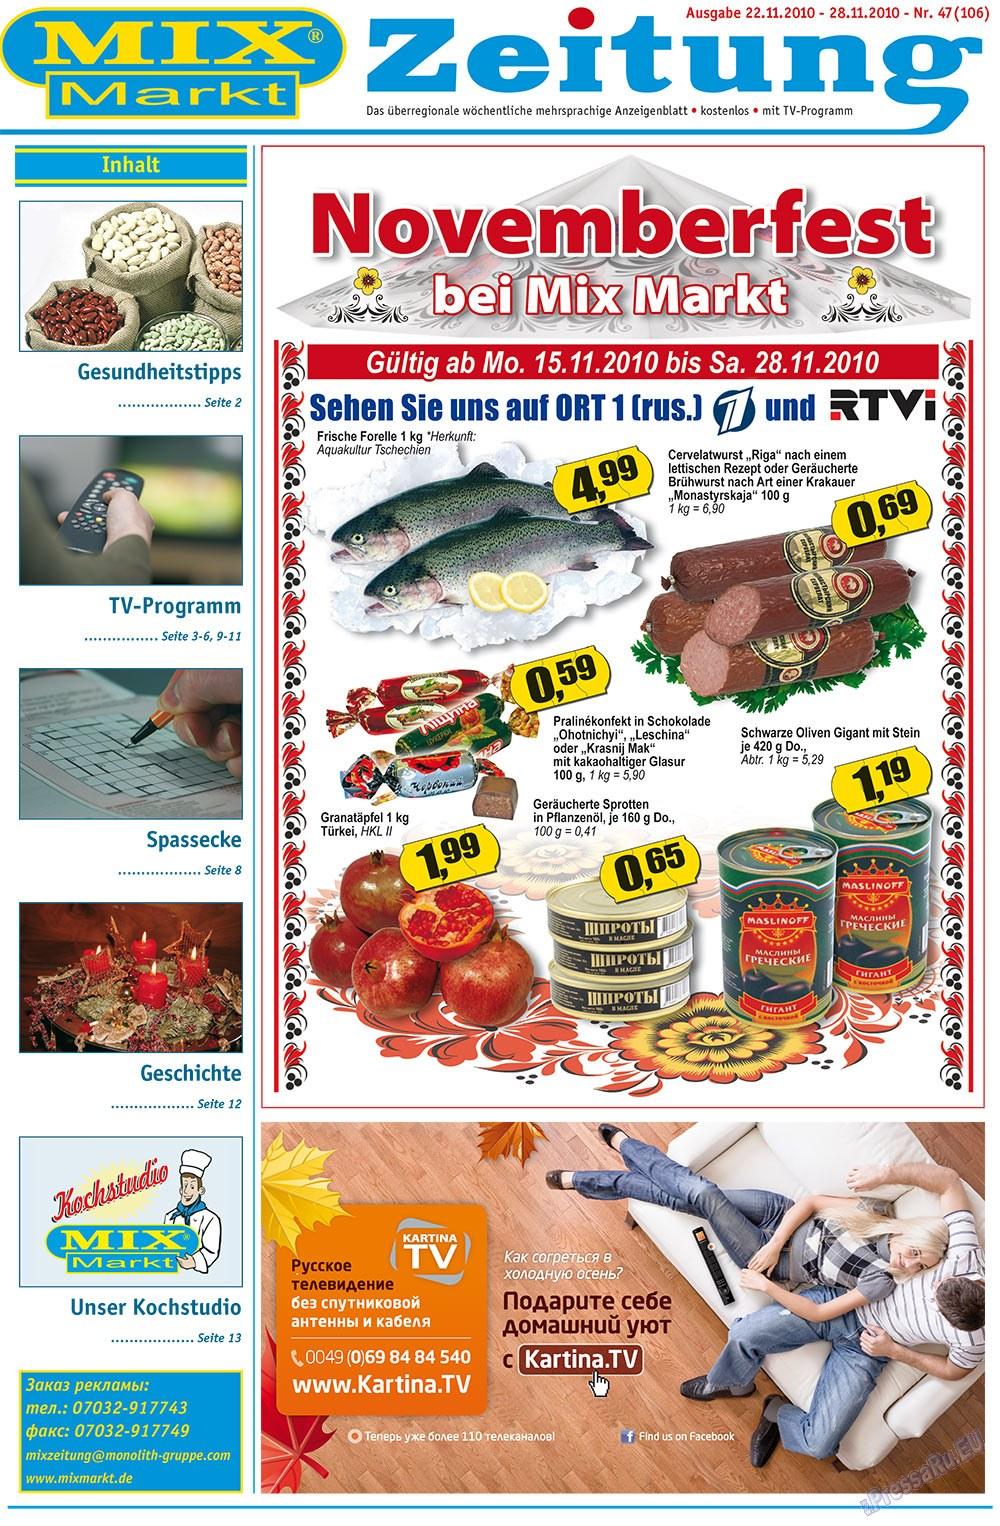 MIX-Markt Zeitung (газета). 2010 год, номер 47, стр. 1